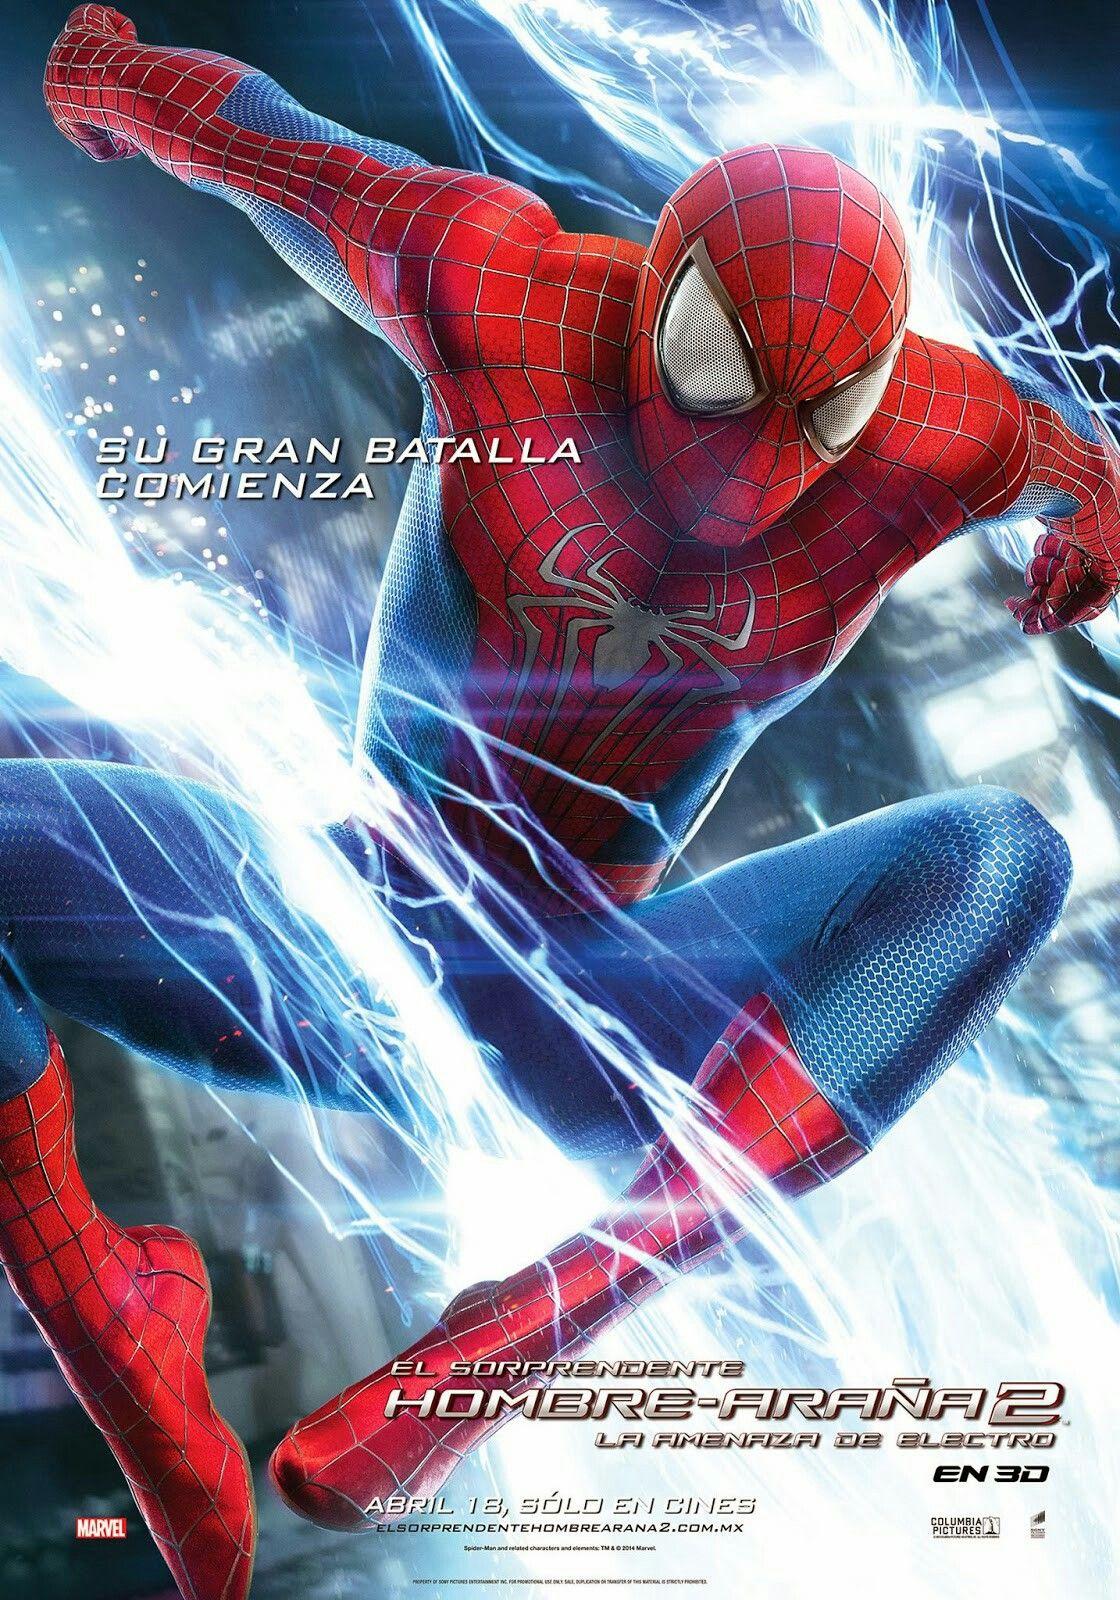 El Hombre Araña 1 2002 Abr Acción Eeuu Sinopsis Tras La Muerte De Sus Padres Peter Parker Un Tím El Sorprendente Hombre Araña Amazing Spiderman Hombre Araña